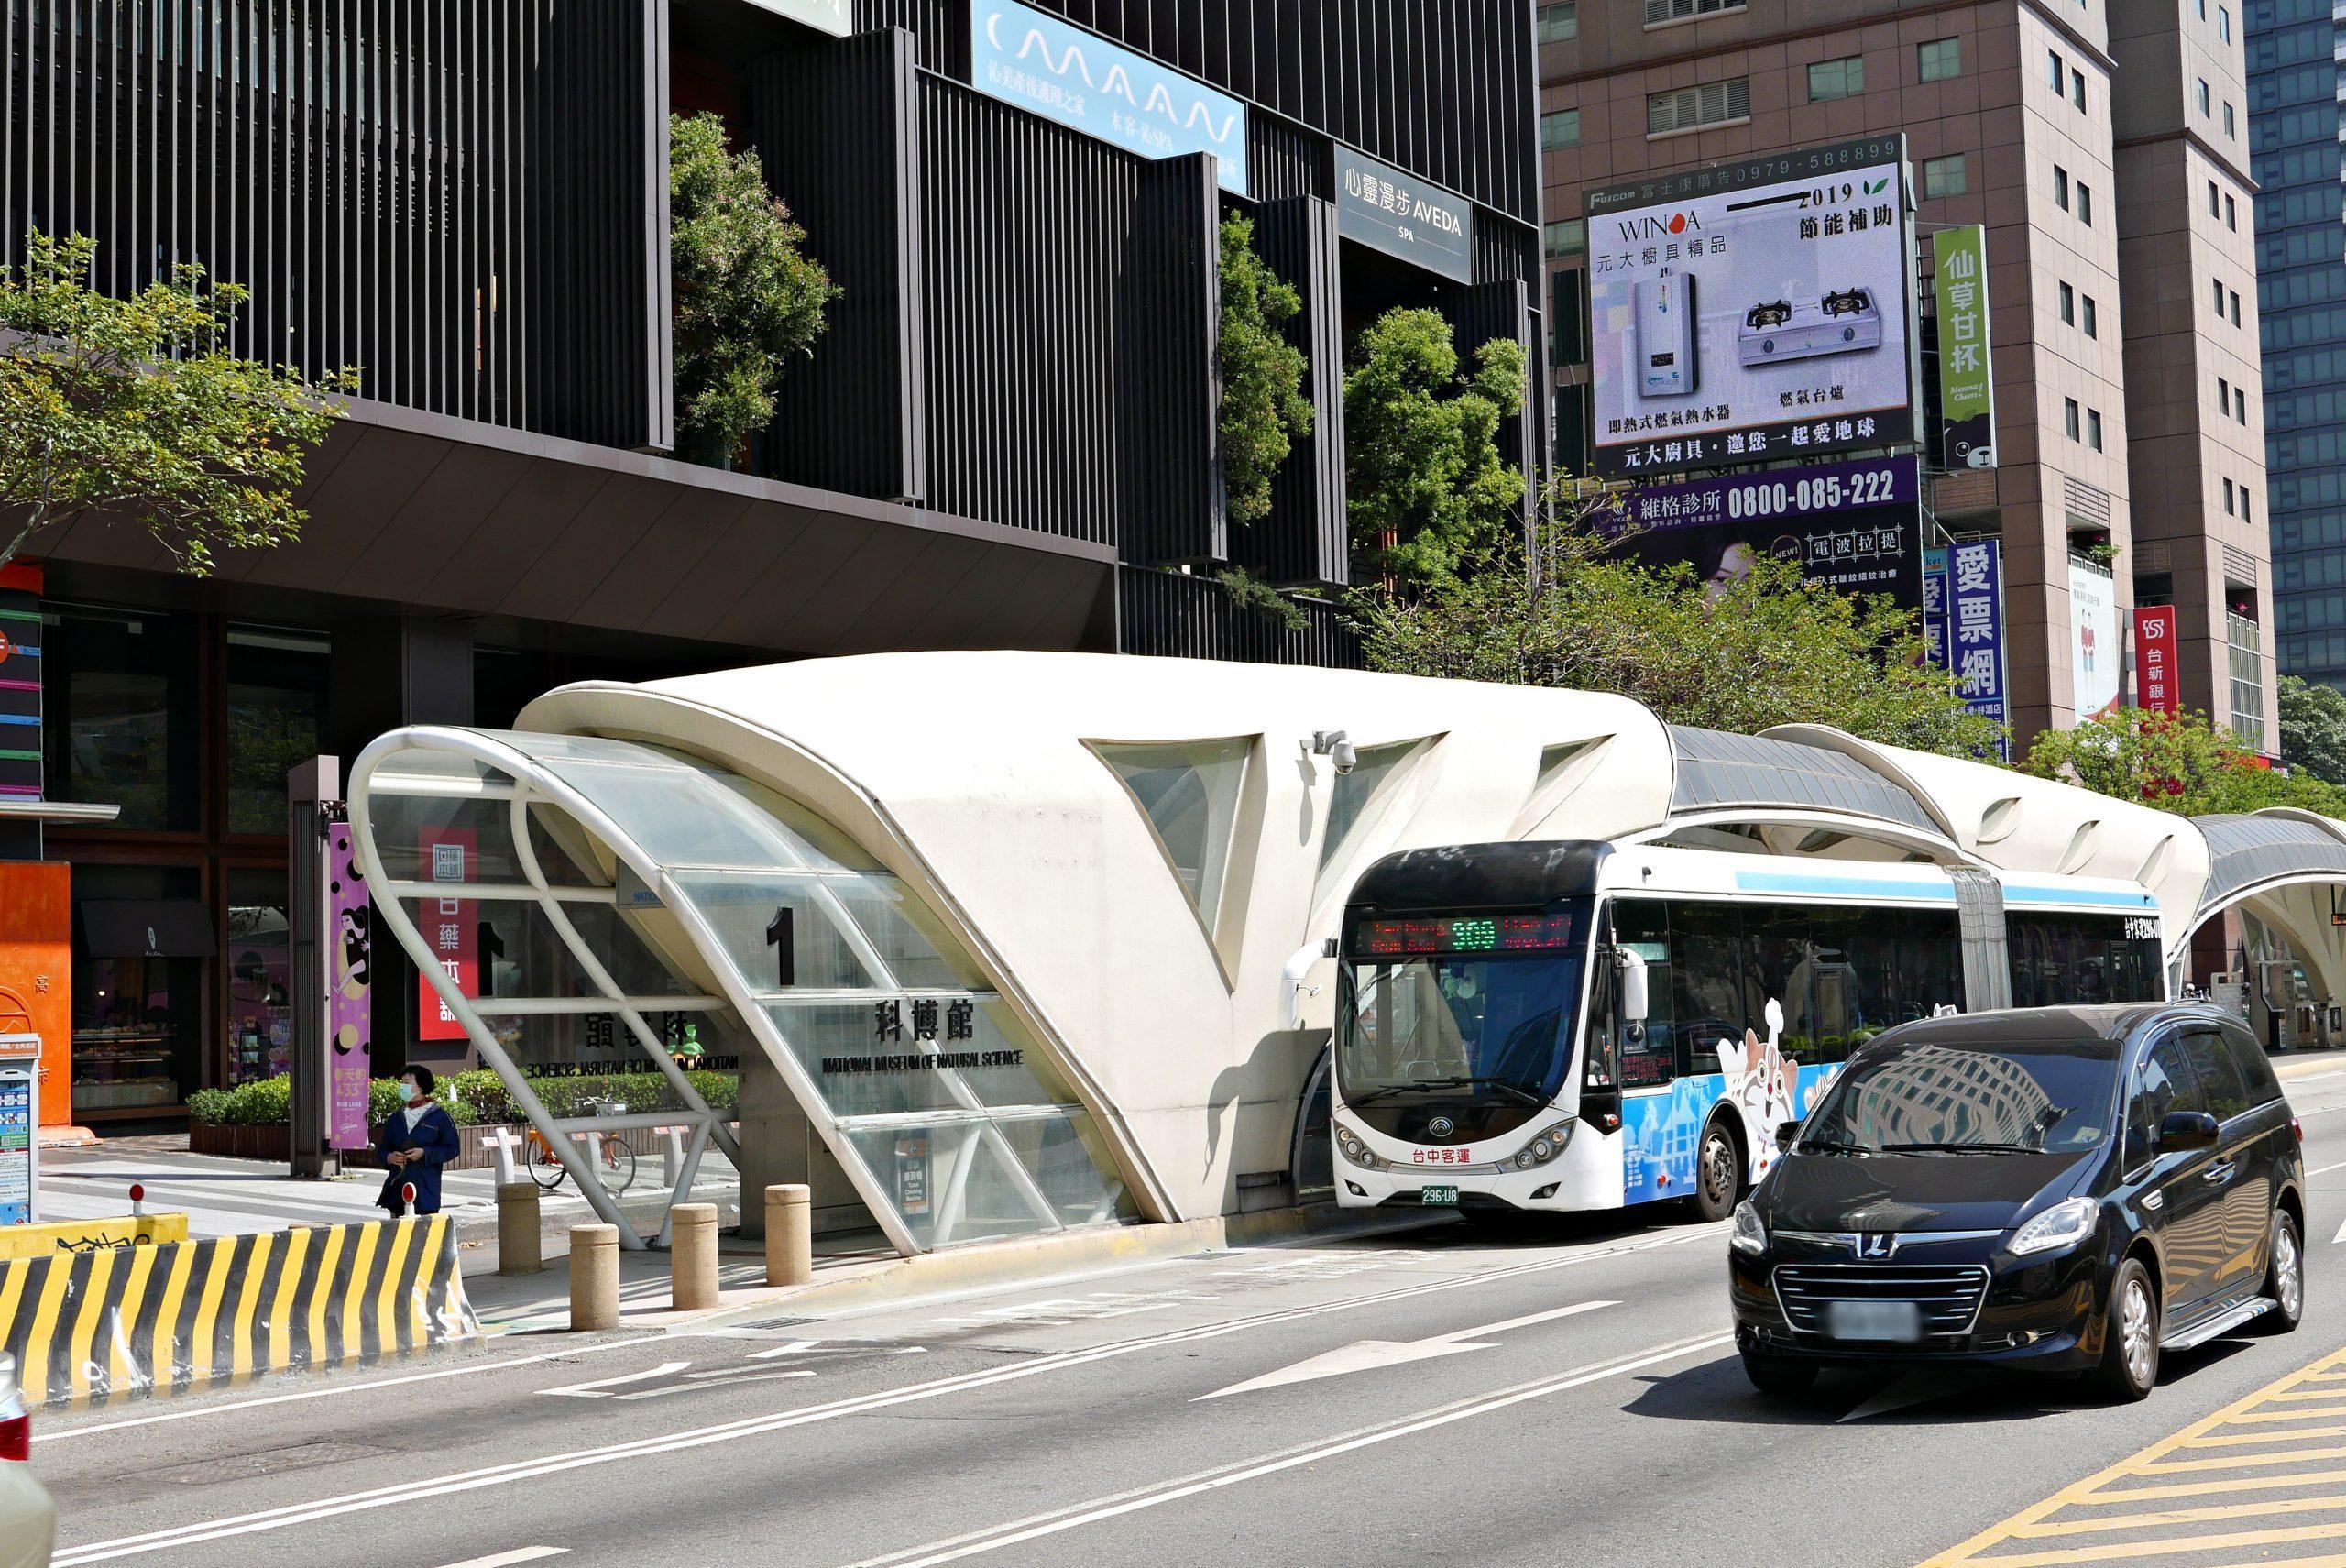 科博館大眾交通工具